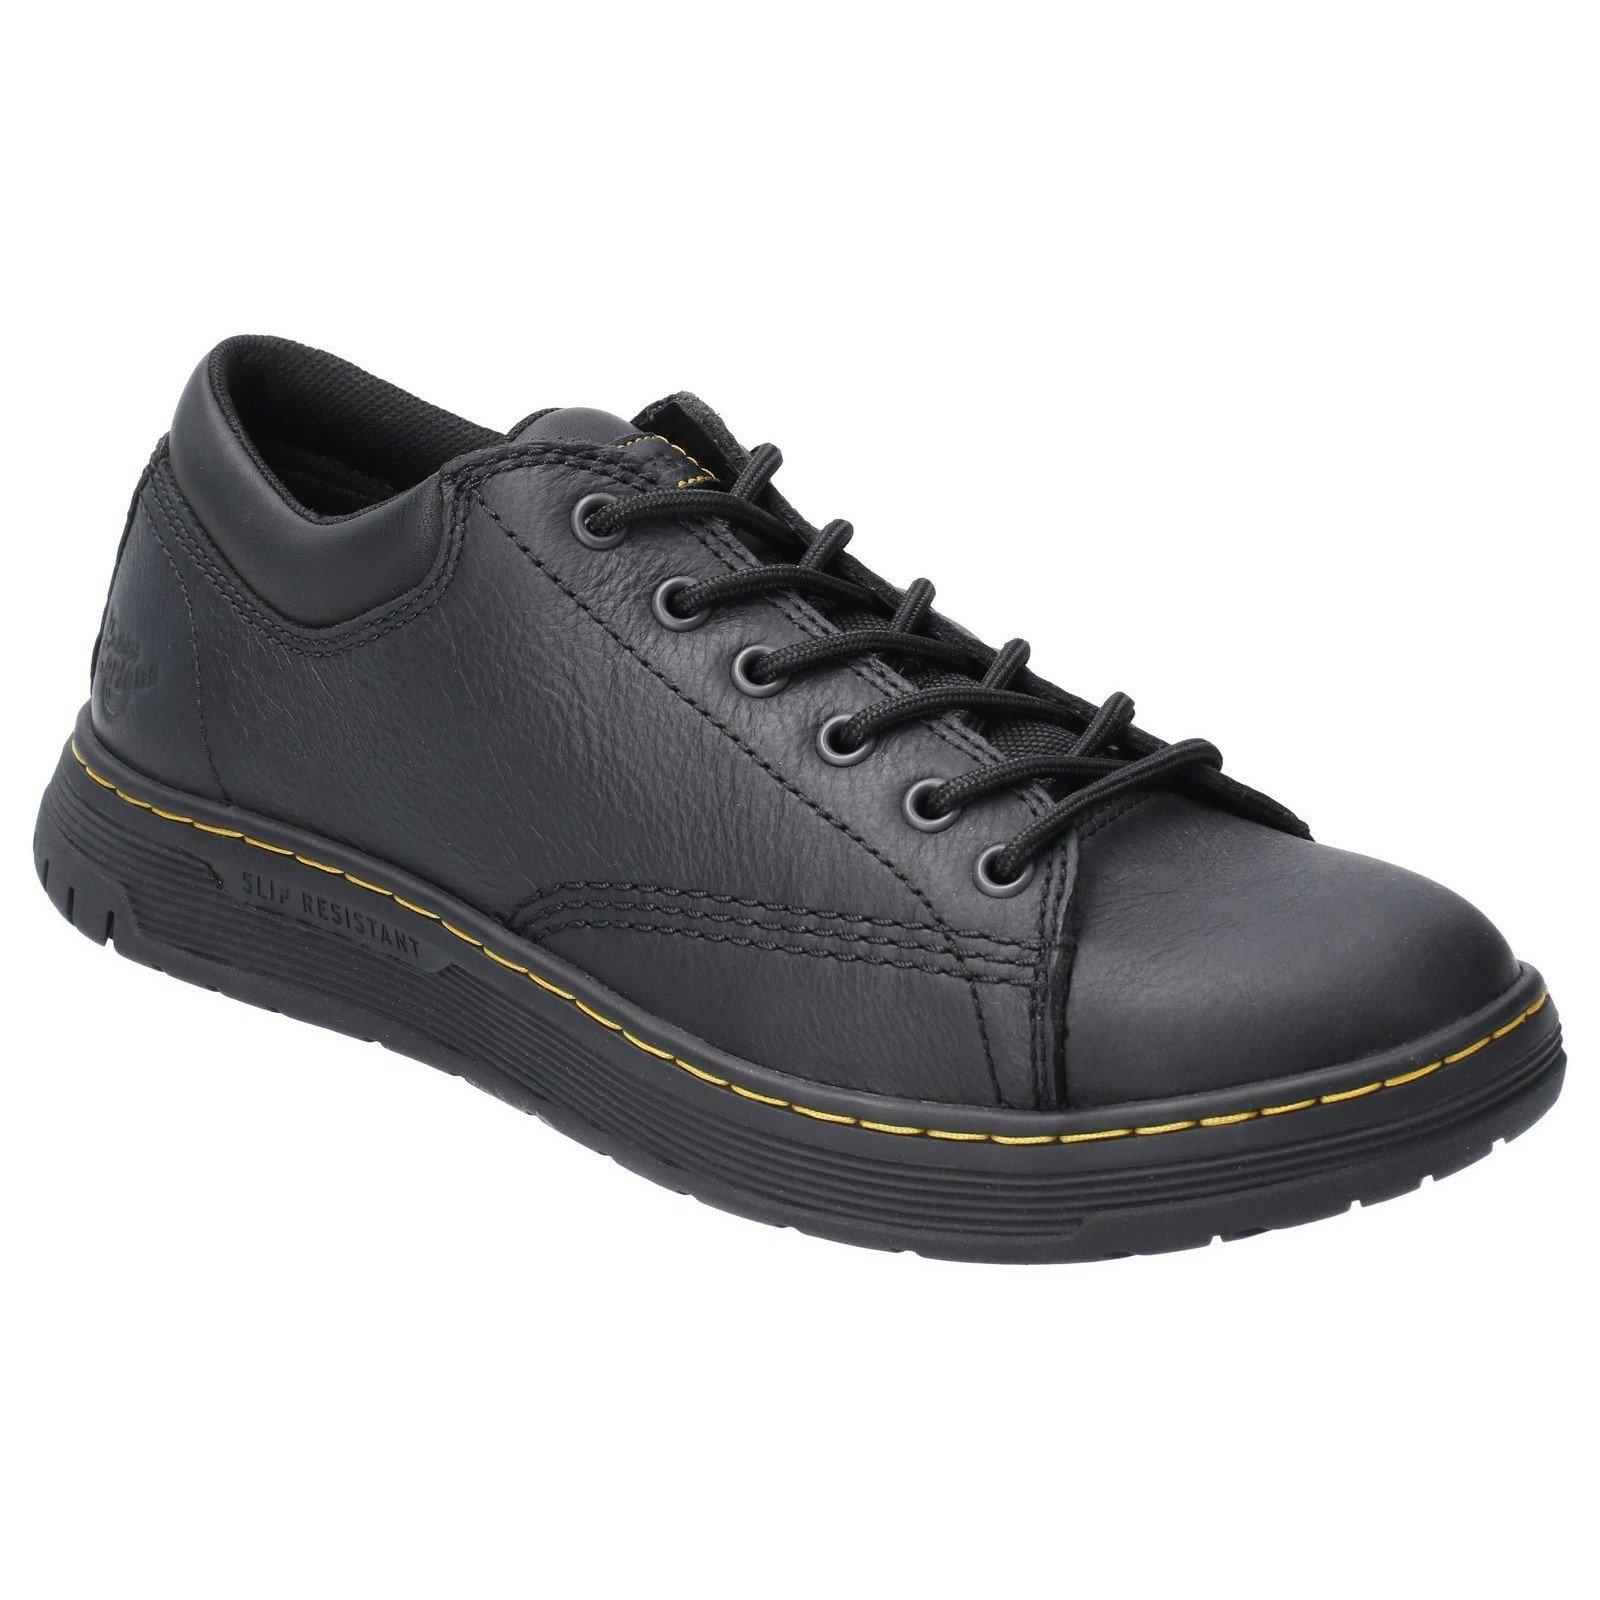 Dr Martens Unisex Maltby SR Lace Trainer Black 29510 - Black 13